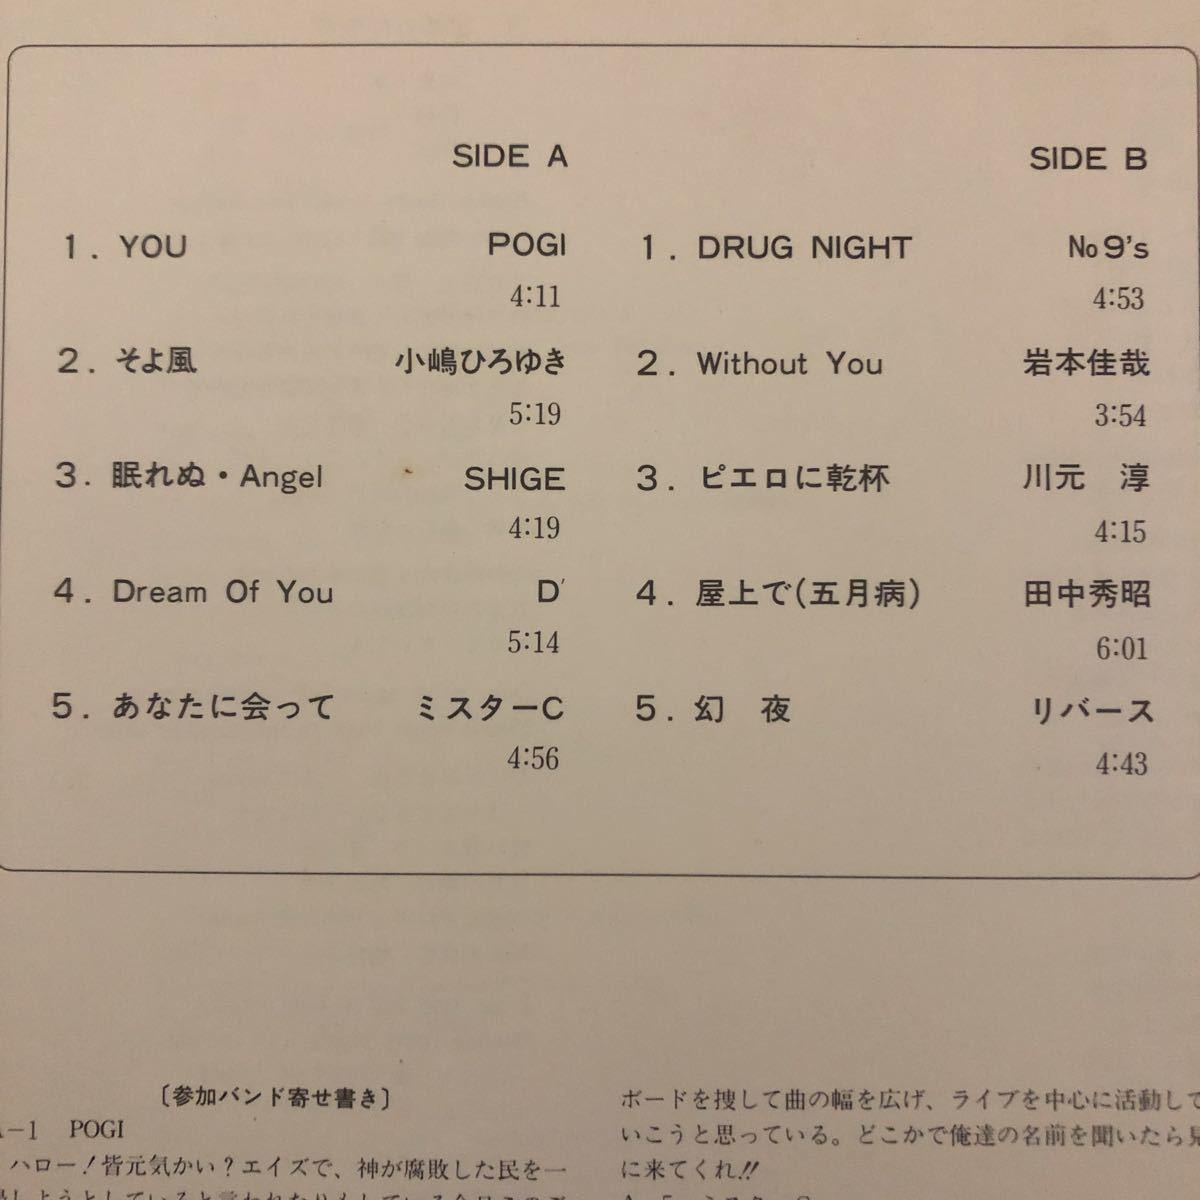 【厳選LP】エロジャケ! 和モノ 自主制作 超希少盤 博多 amateur band catalog vol.3 MURO XXXL boogie disco breakbeats fusion MRP_画像3